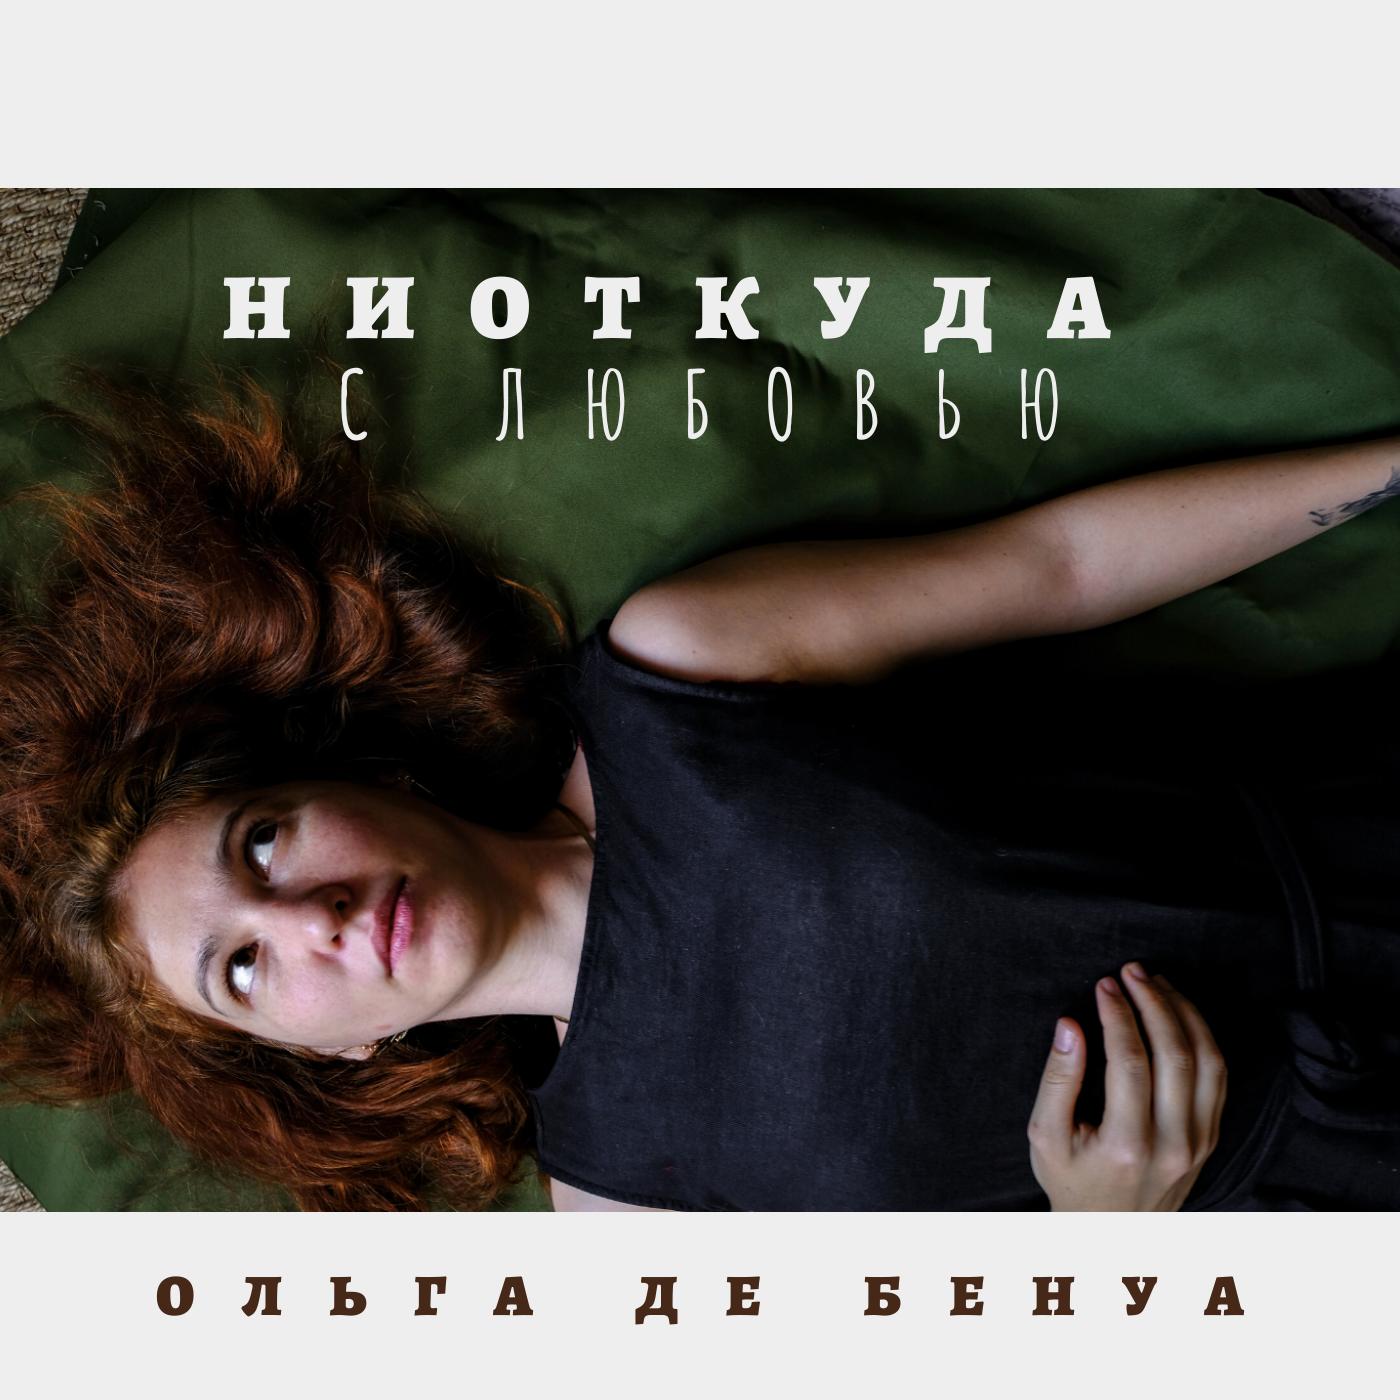 Ольга де Бенуа - Ниоткуда с любовью